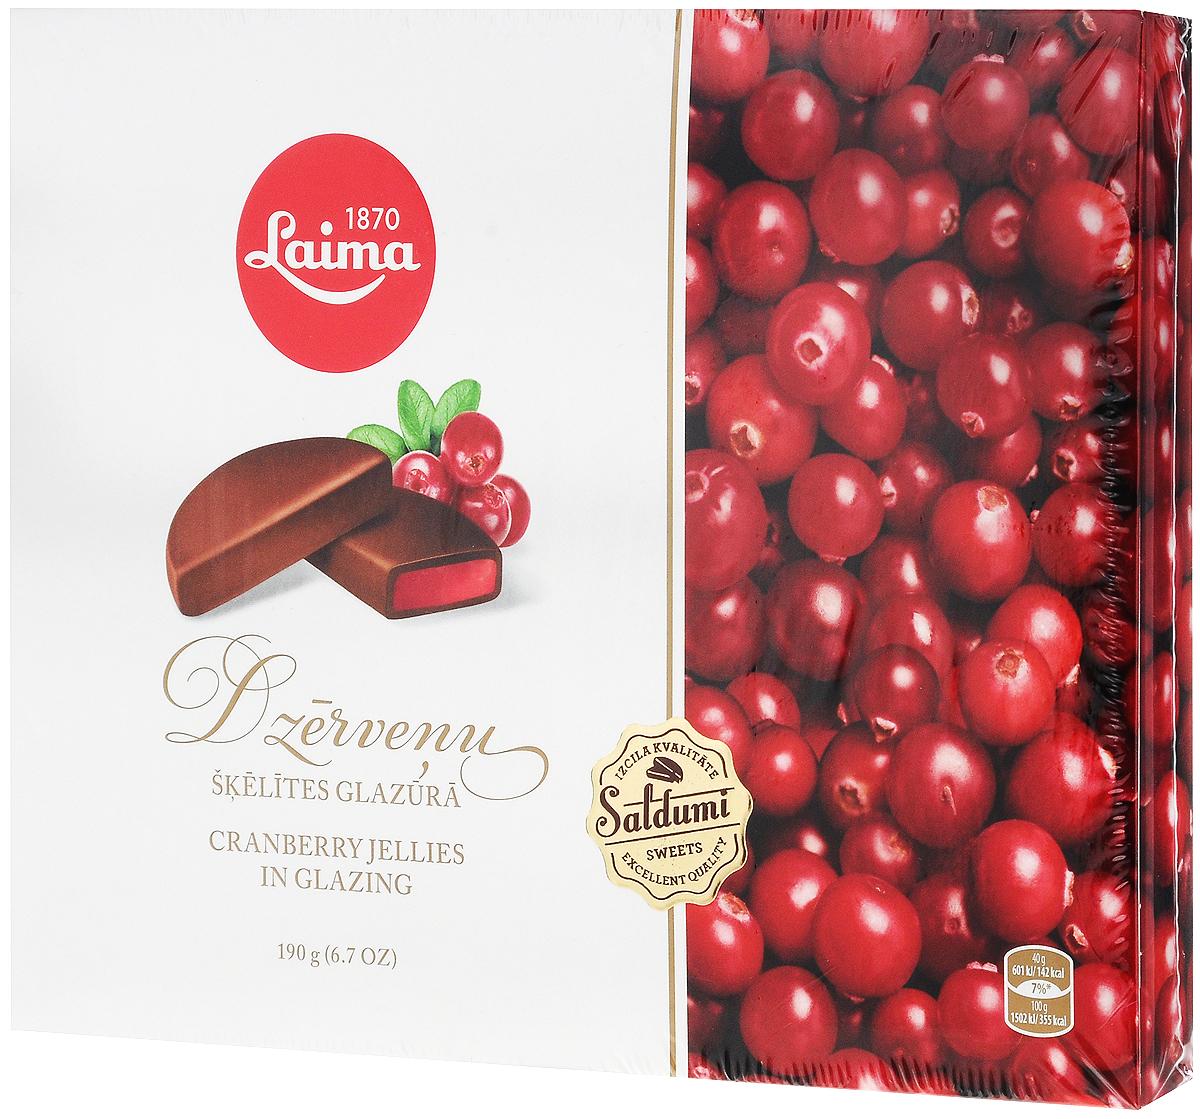 """Laima """"Клюквенные дольки в глазури"""" мармелад в шоколаде, 190 г P220401412"""